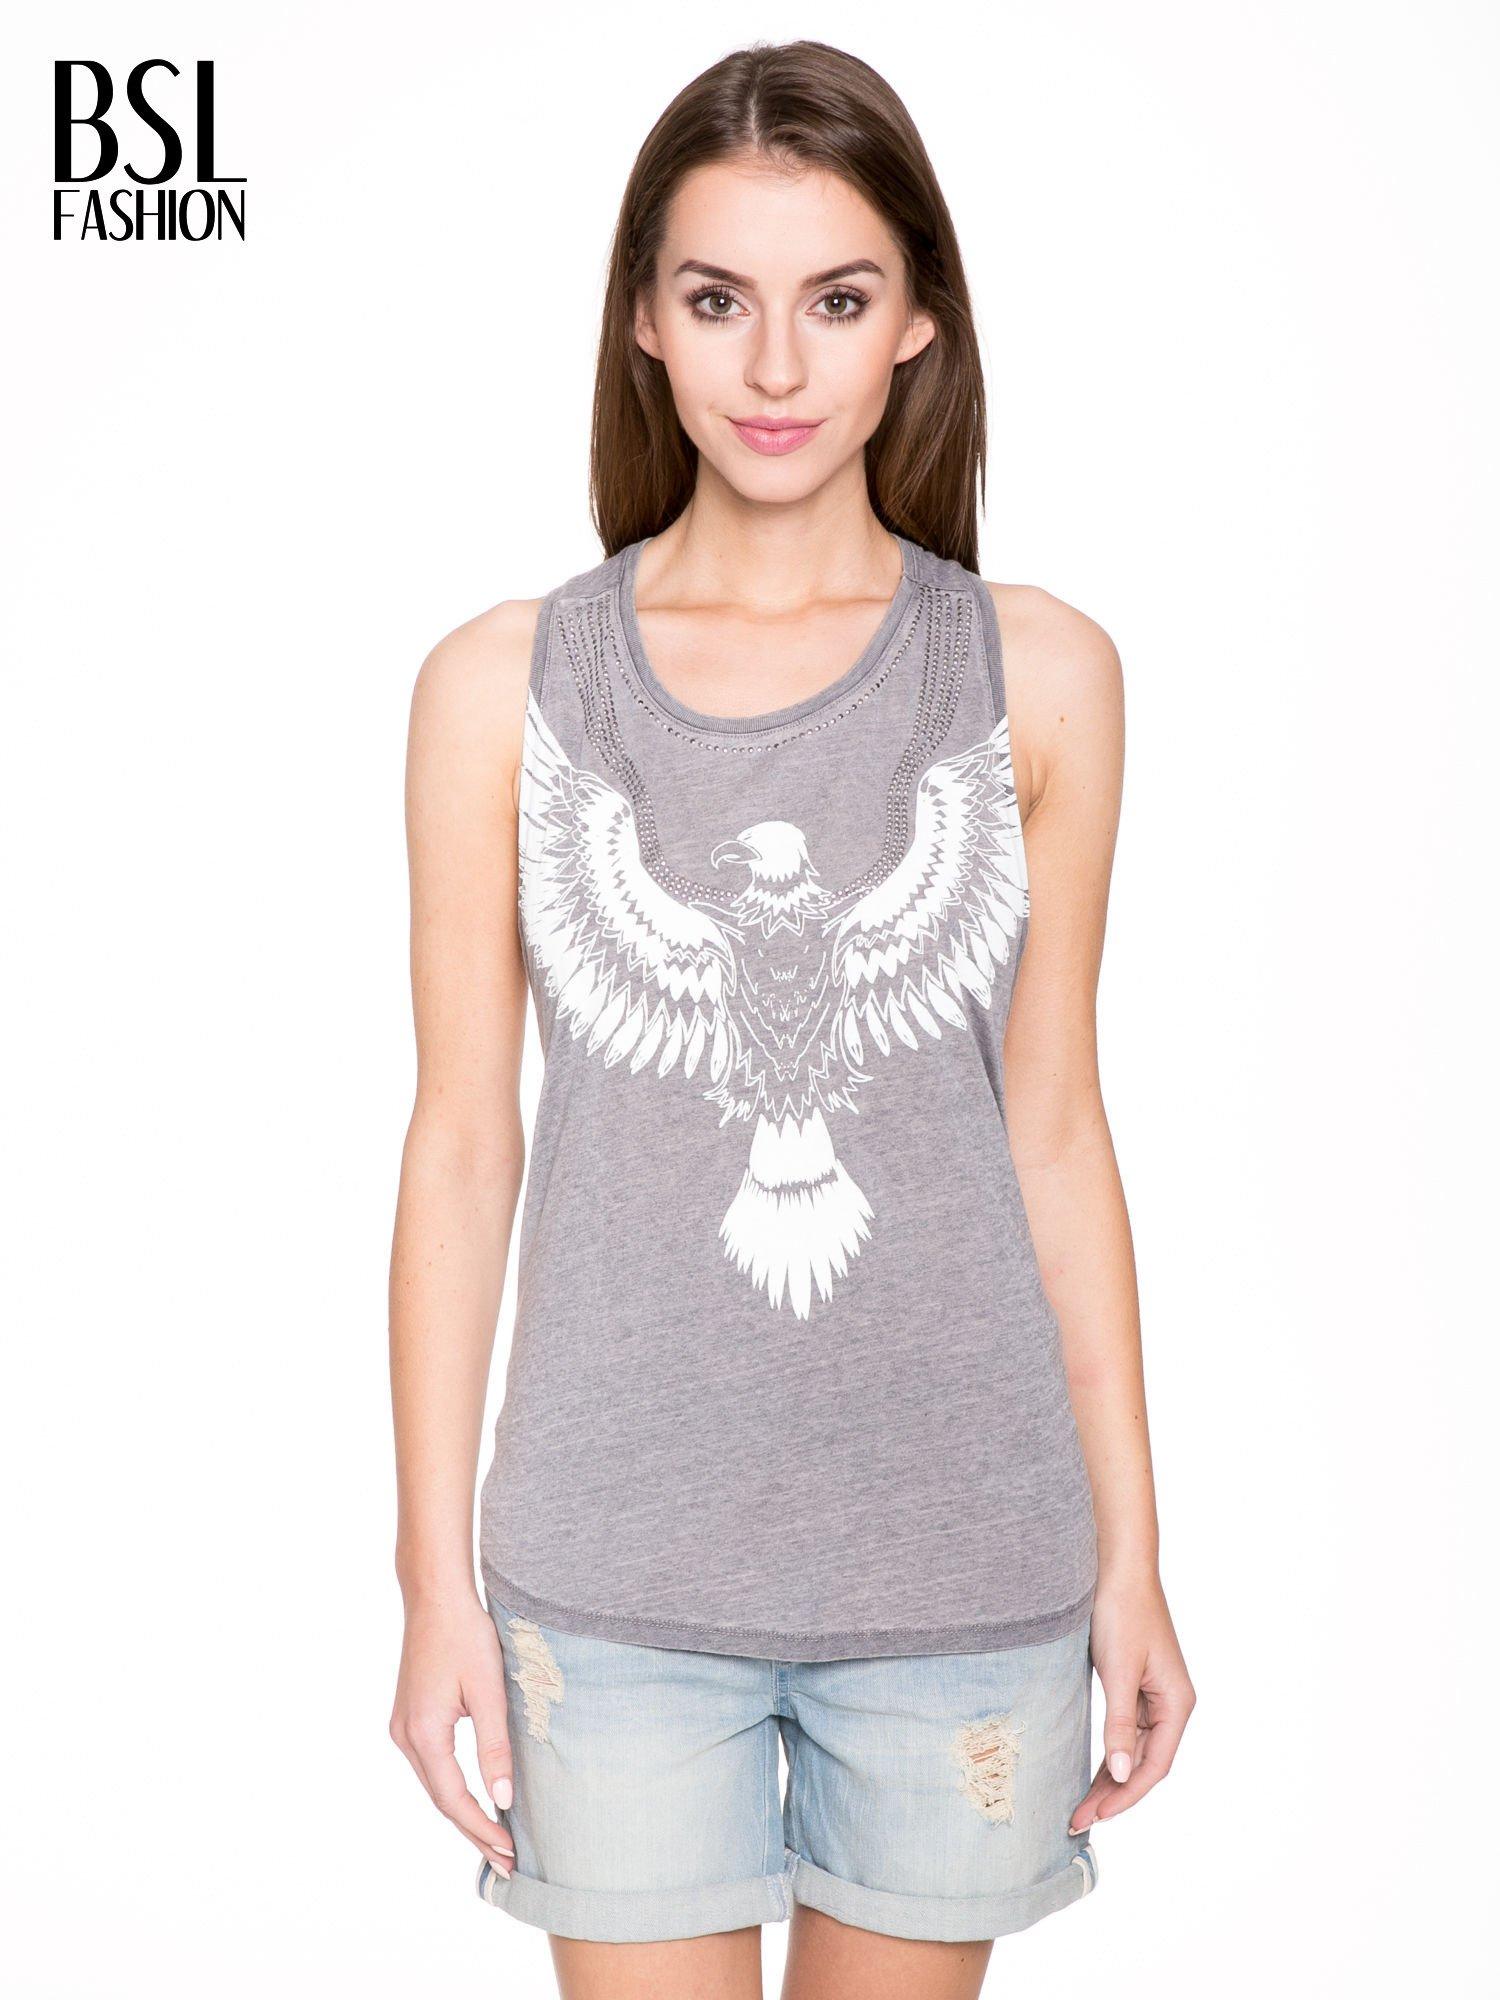 Szary t-shirt typu bokserka z nadrukiem orła i dżetami                                  zdj.                                  1